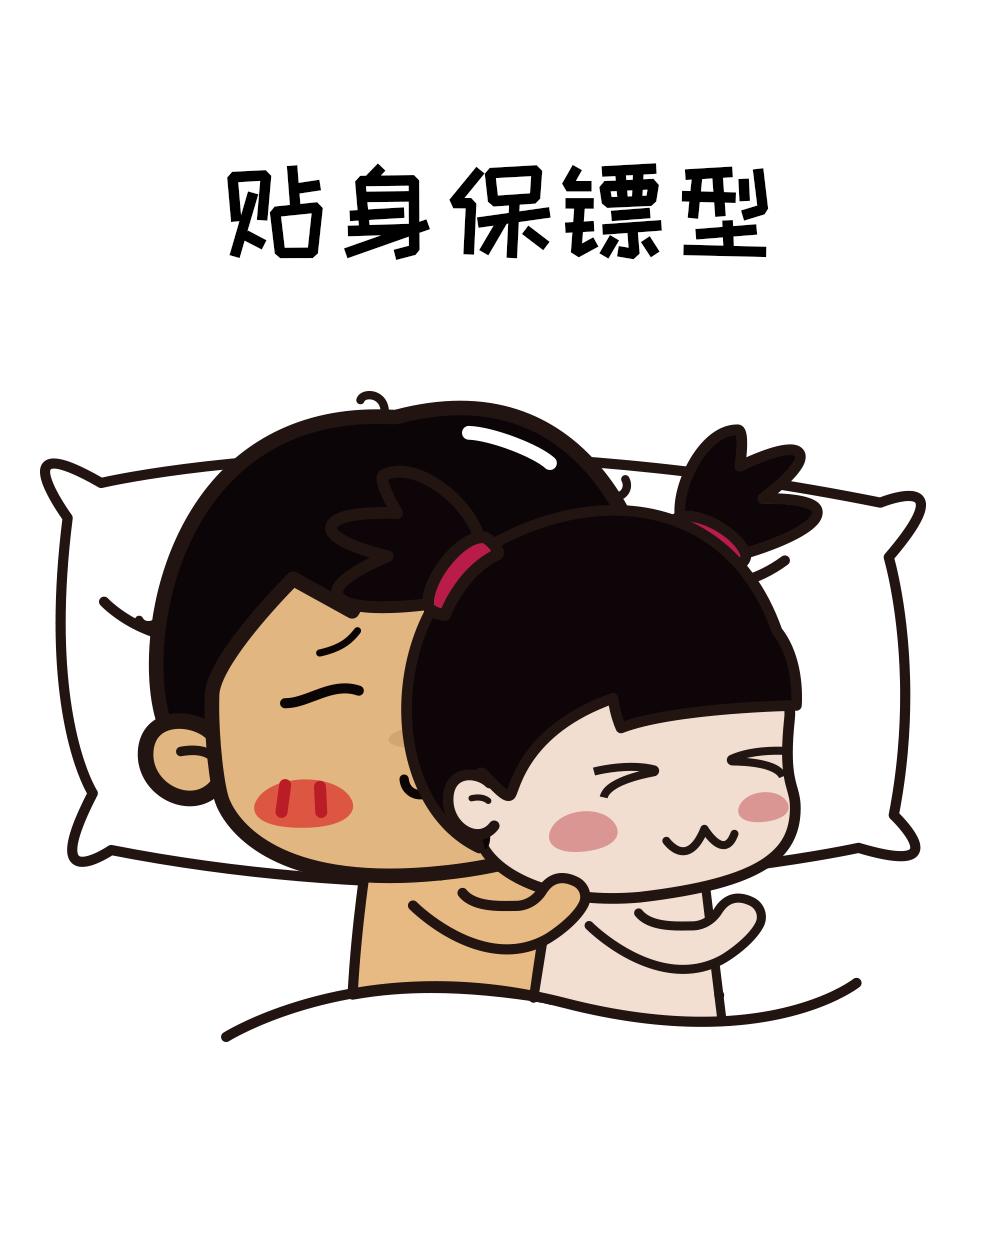 系列表情 | 和女朋友睡觉是各种奇葩姿势图片